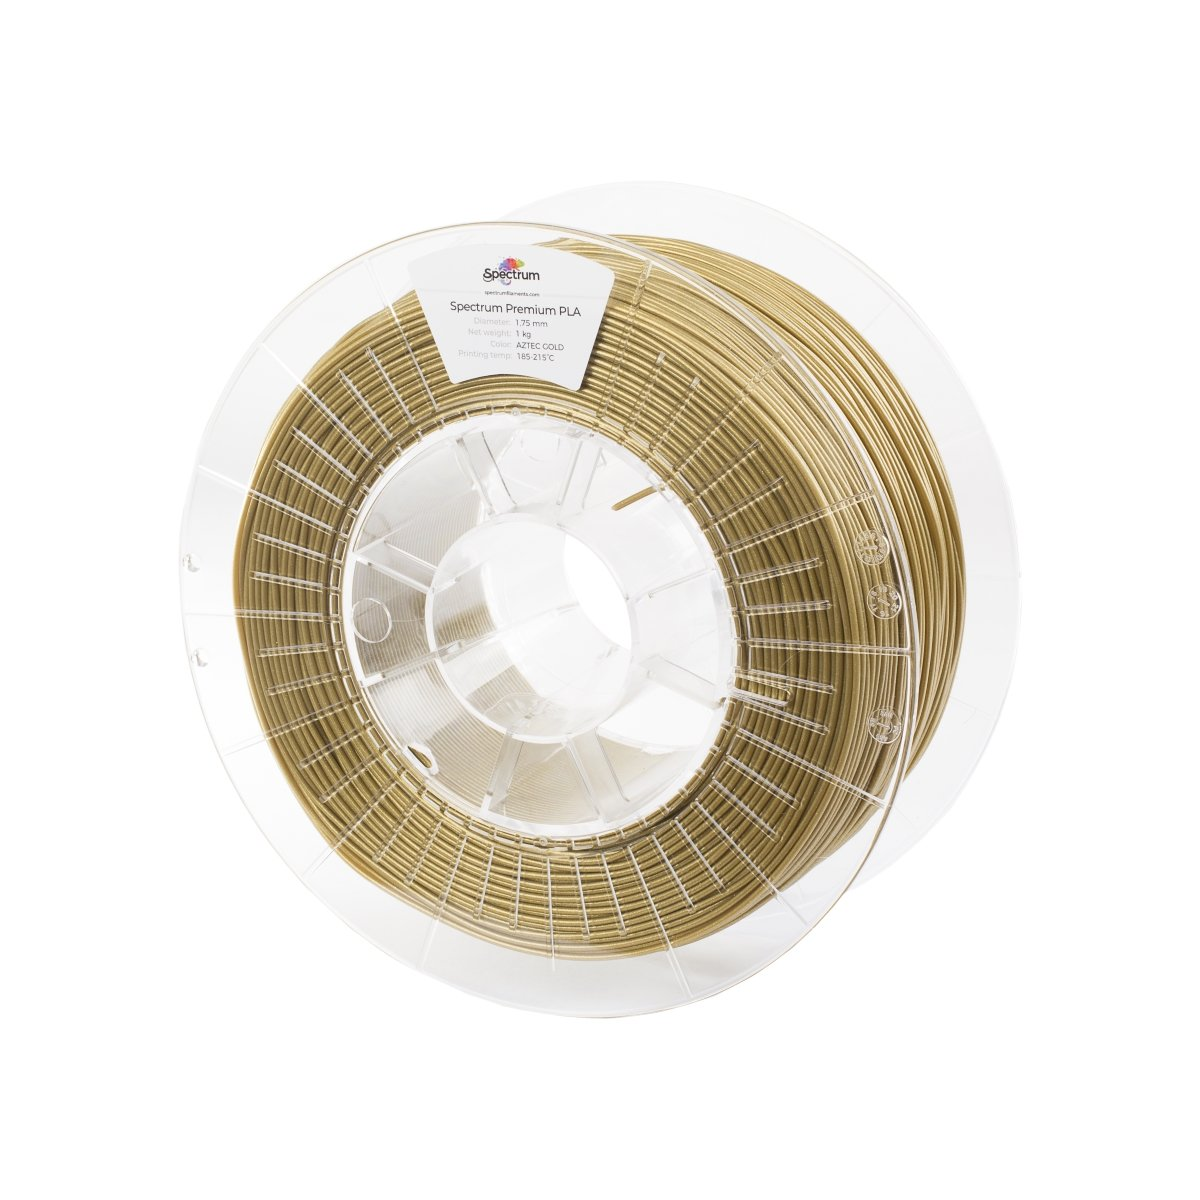 Billede af Spectrum Filaments - PLA - 1.75mm - Aztec Gold - 1 kg